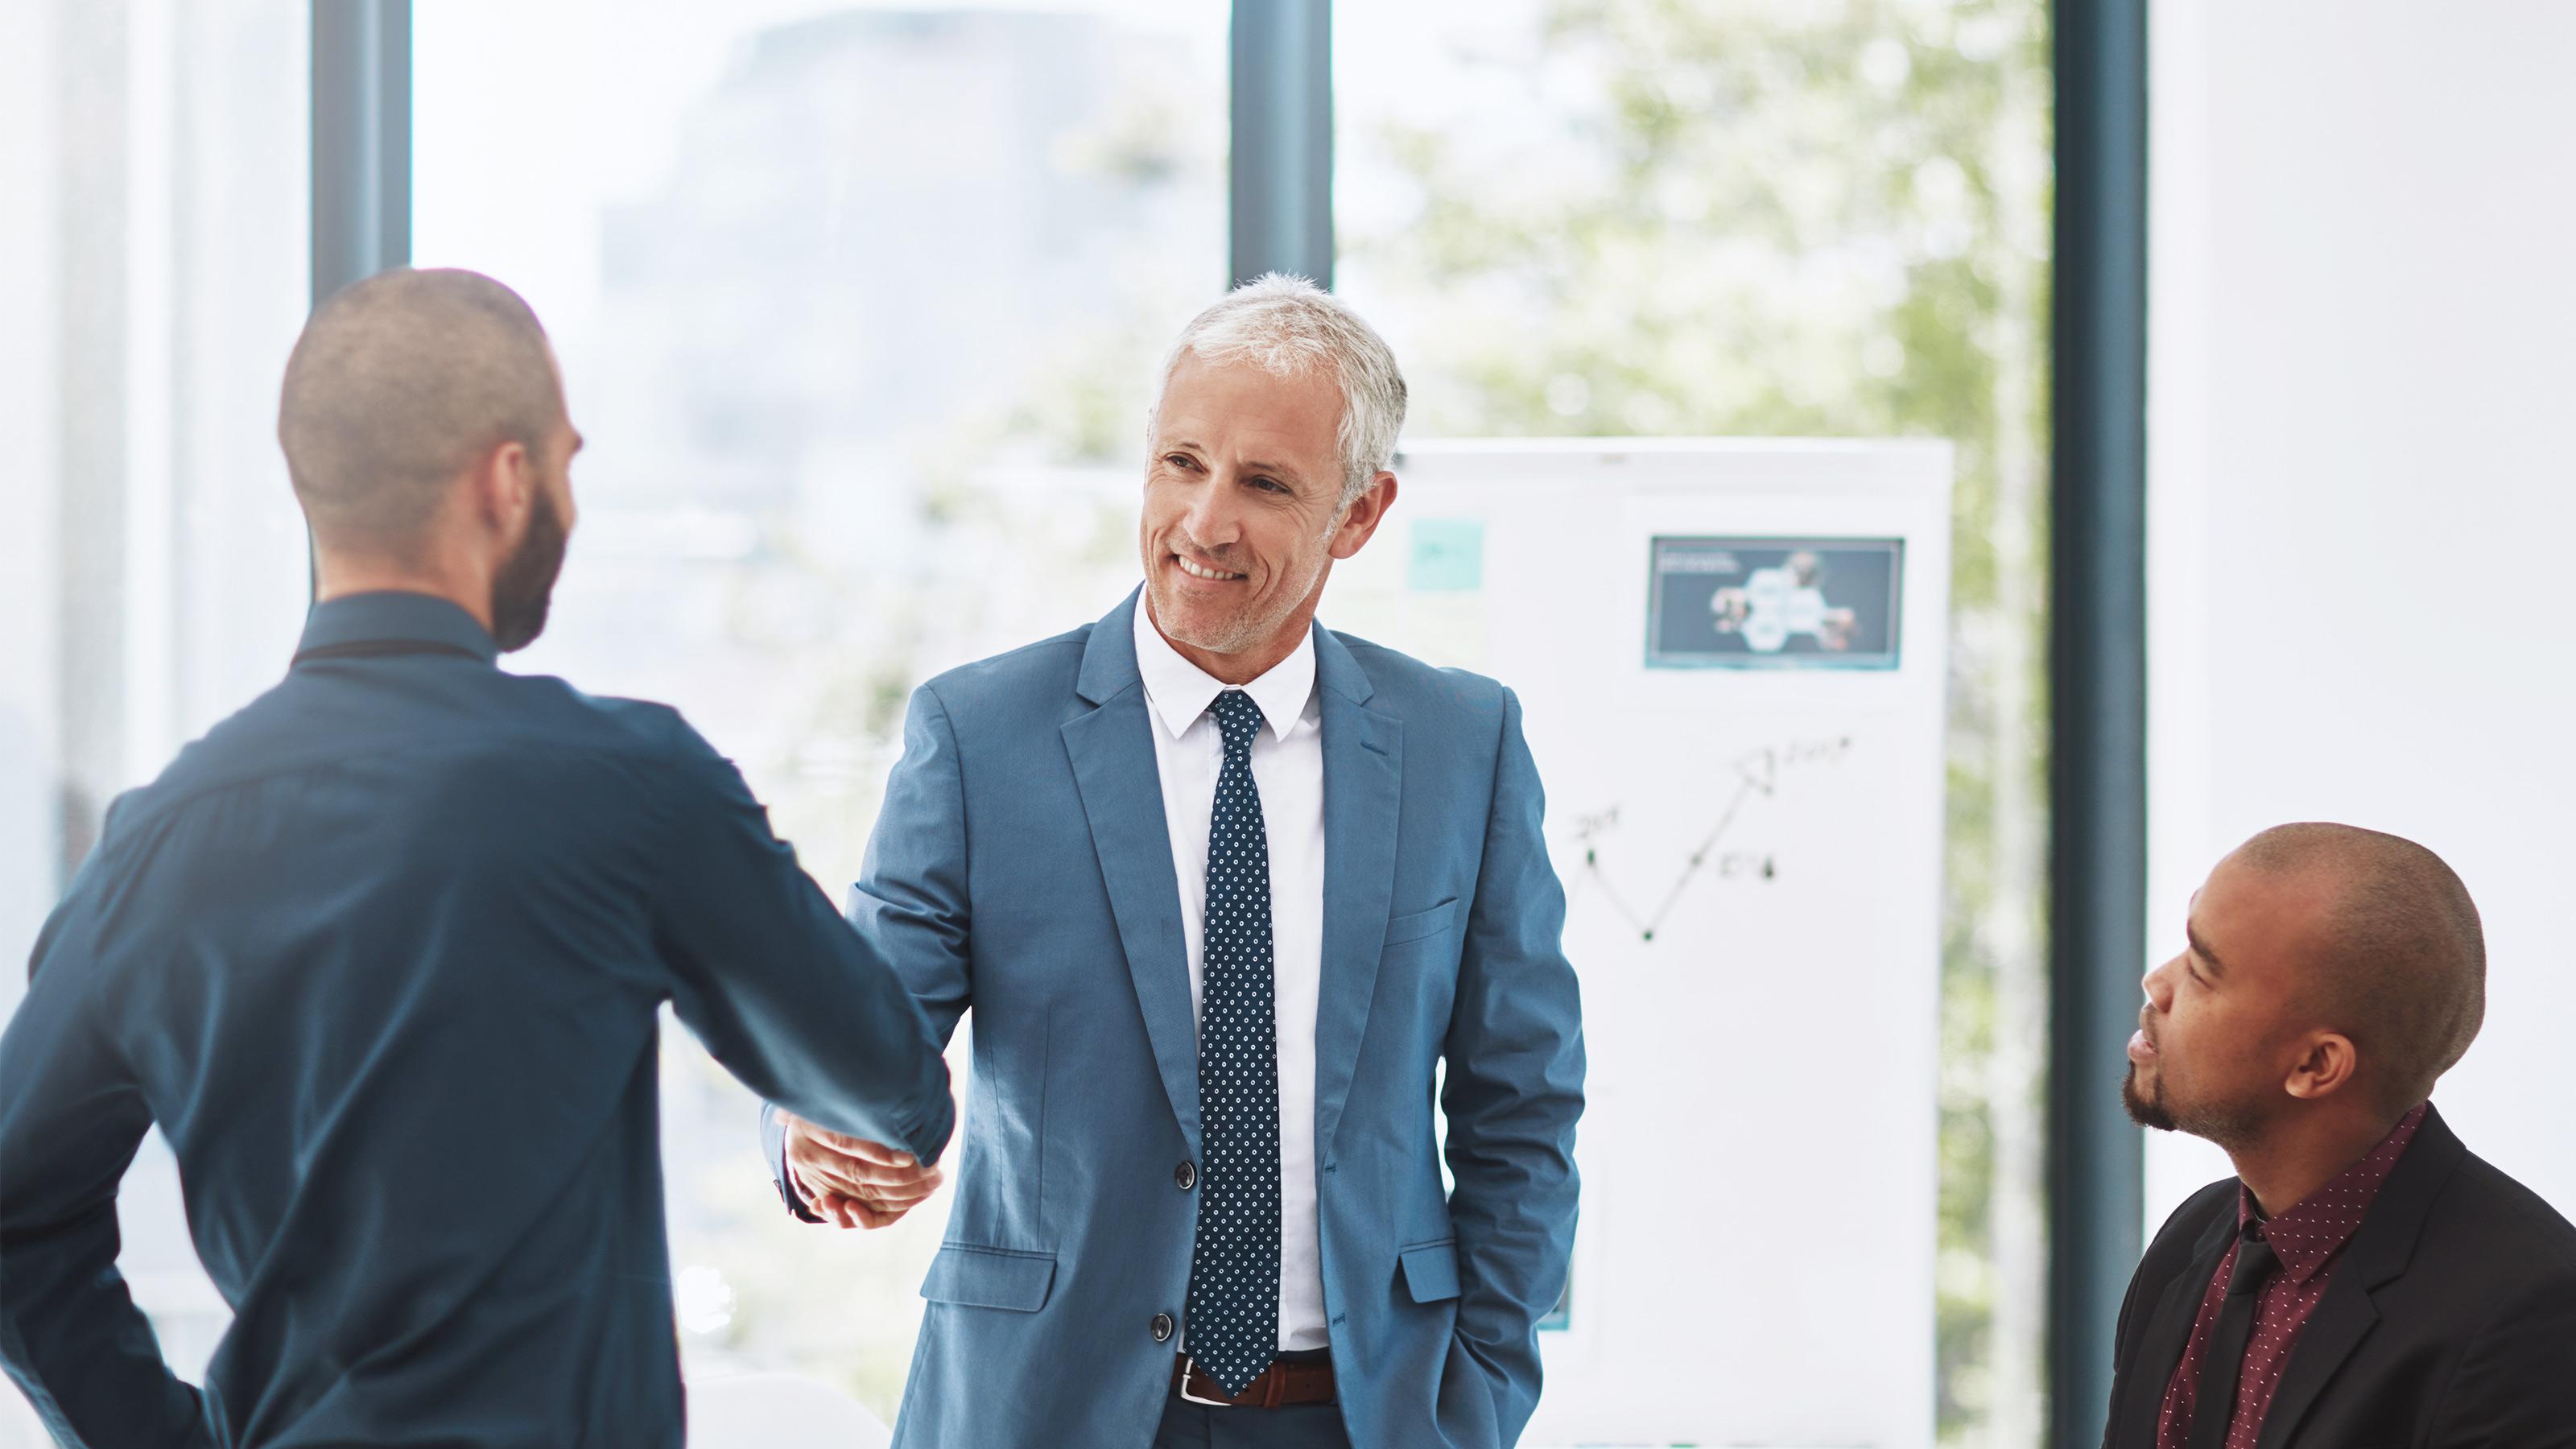 雲講堂-【職場不求人】辦公室必備技能-協商談判